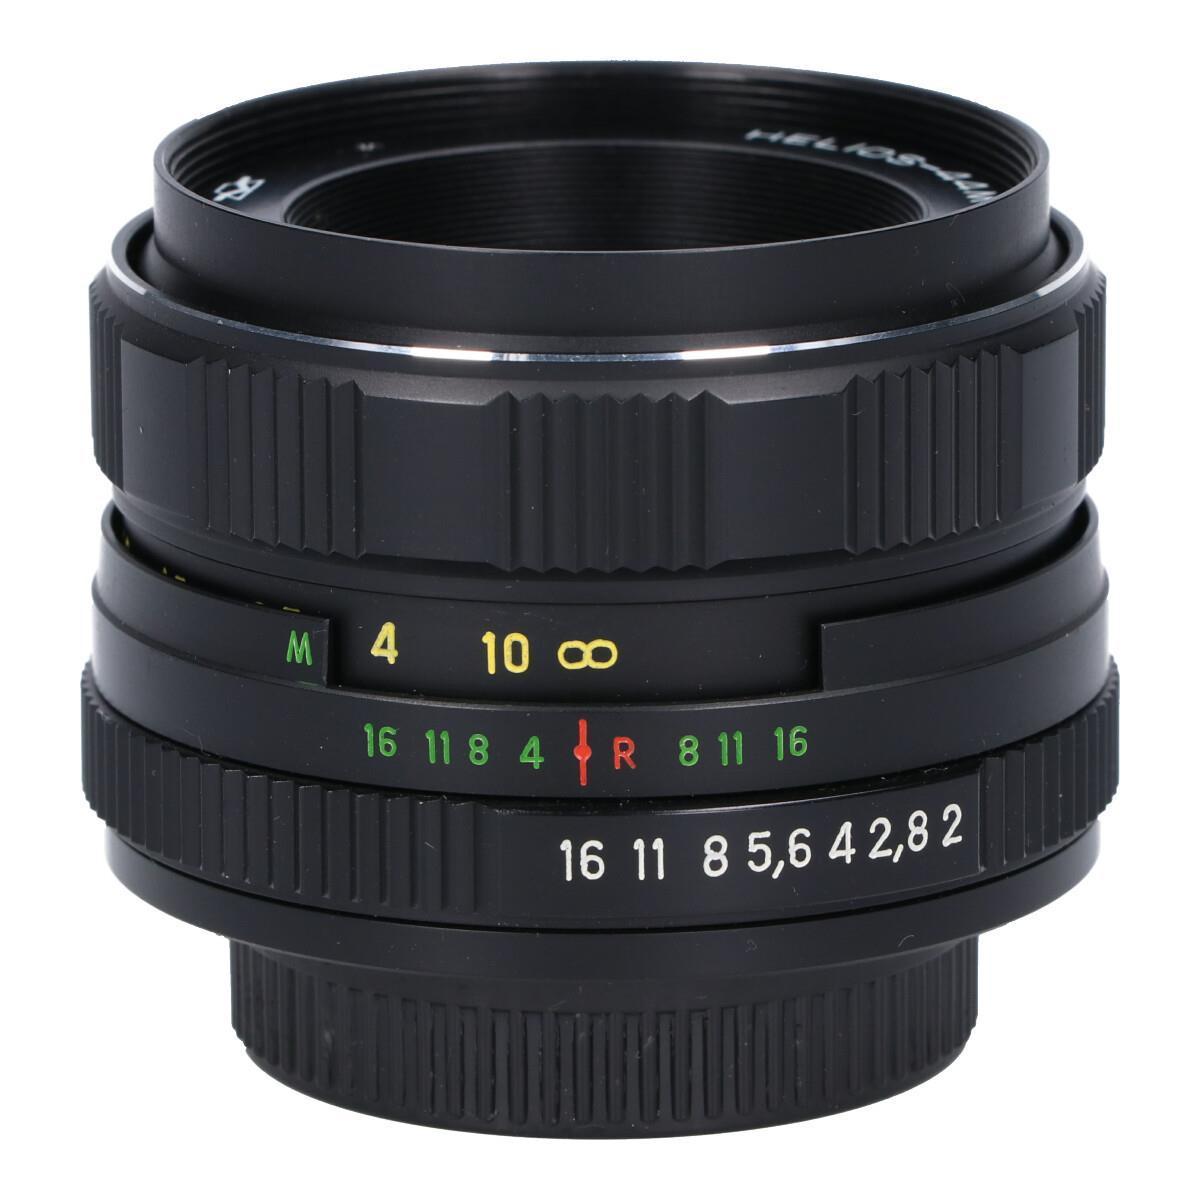 58mm F2